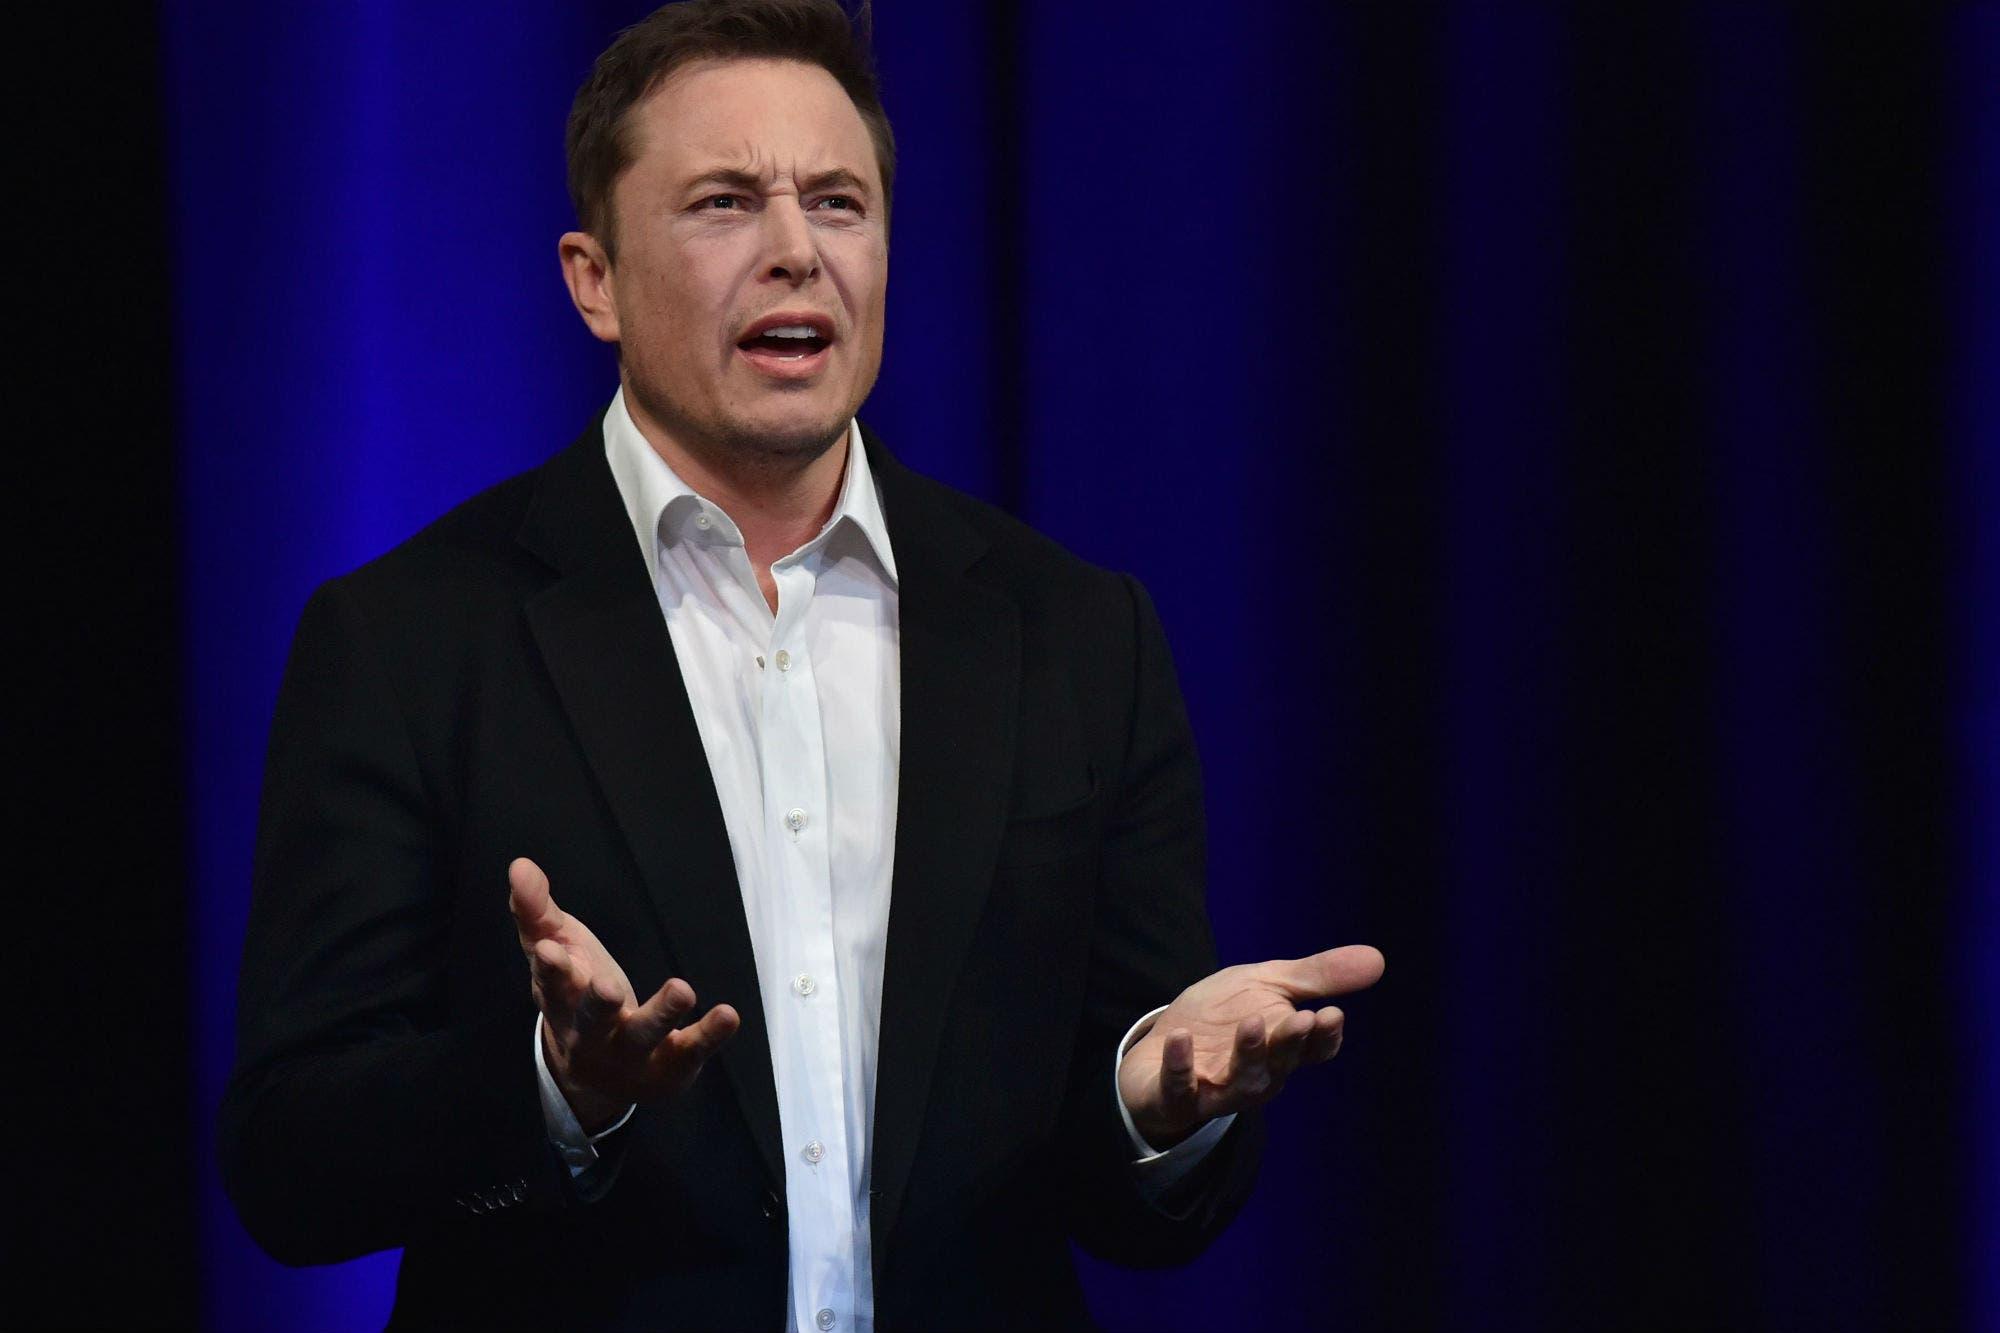 Elon Musk ofrece respiradores gratis a hospitales de todo el mundo y recibe el pedido de un ministro de Salta por Twitter